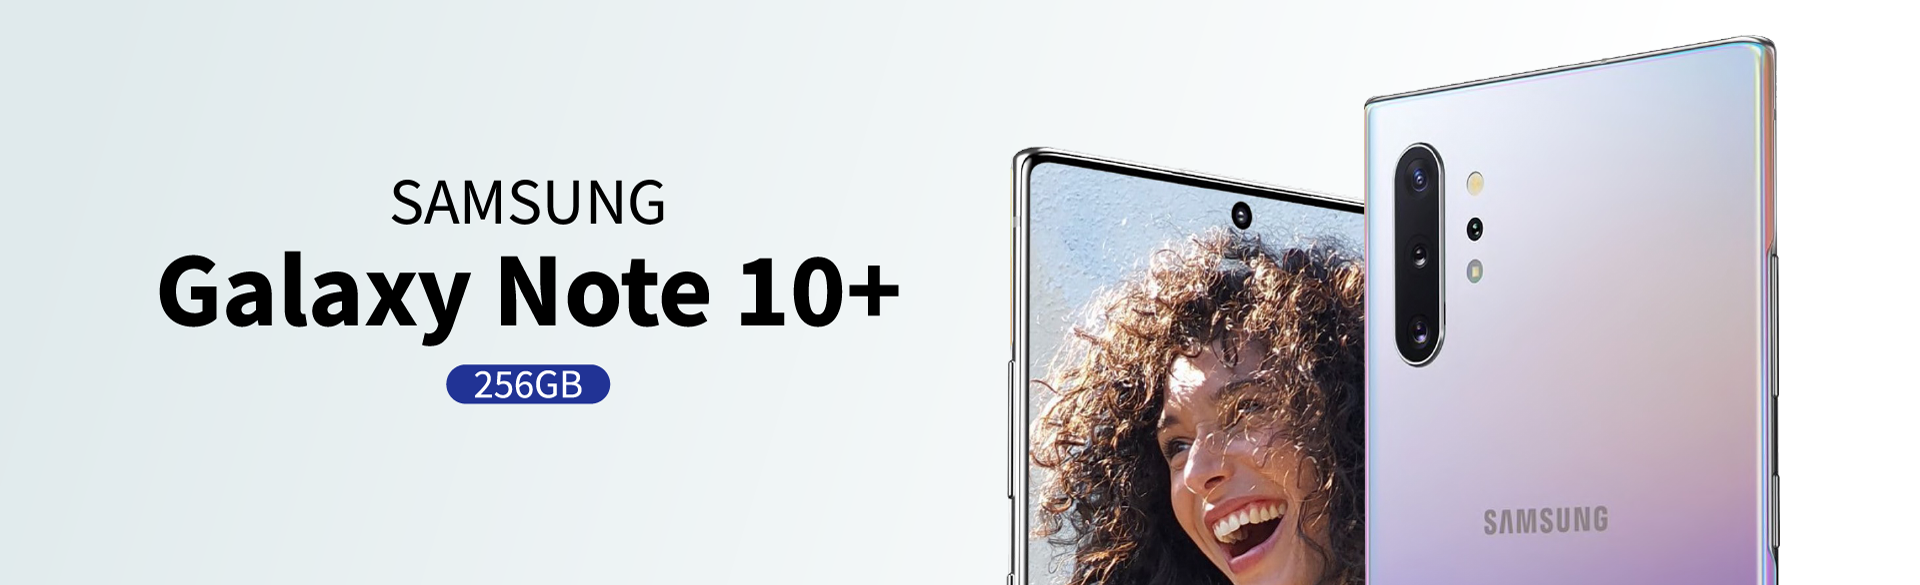 SAMSUNG Galaxy Note10+ 256GB